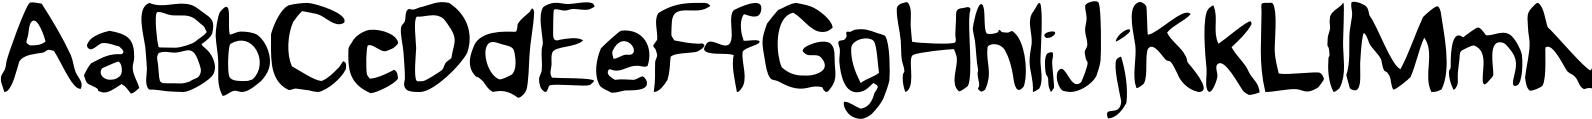 Gritzpop